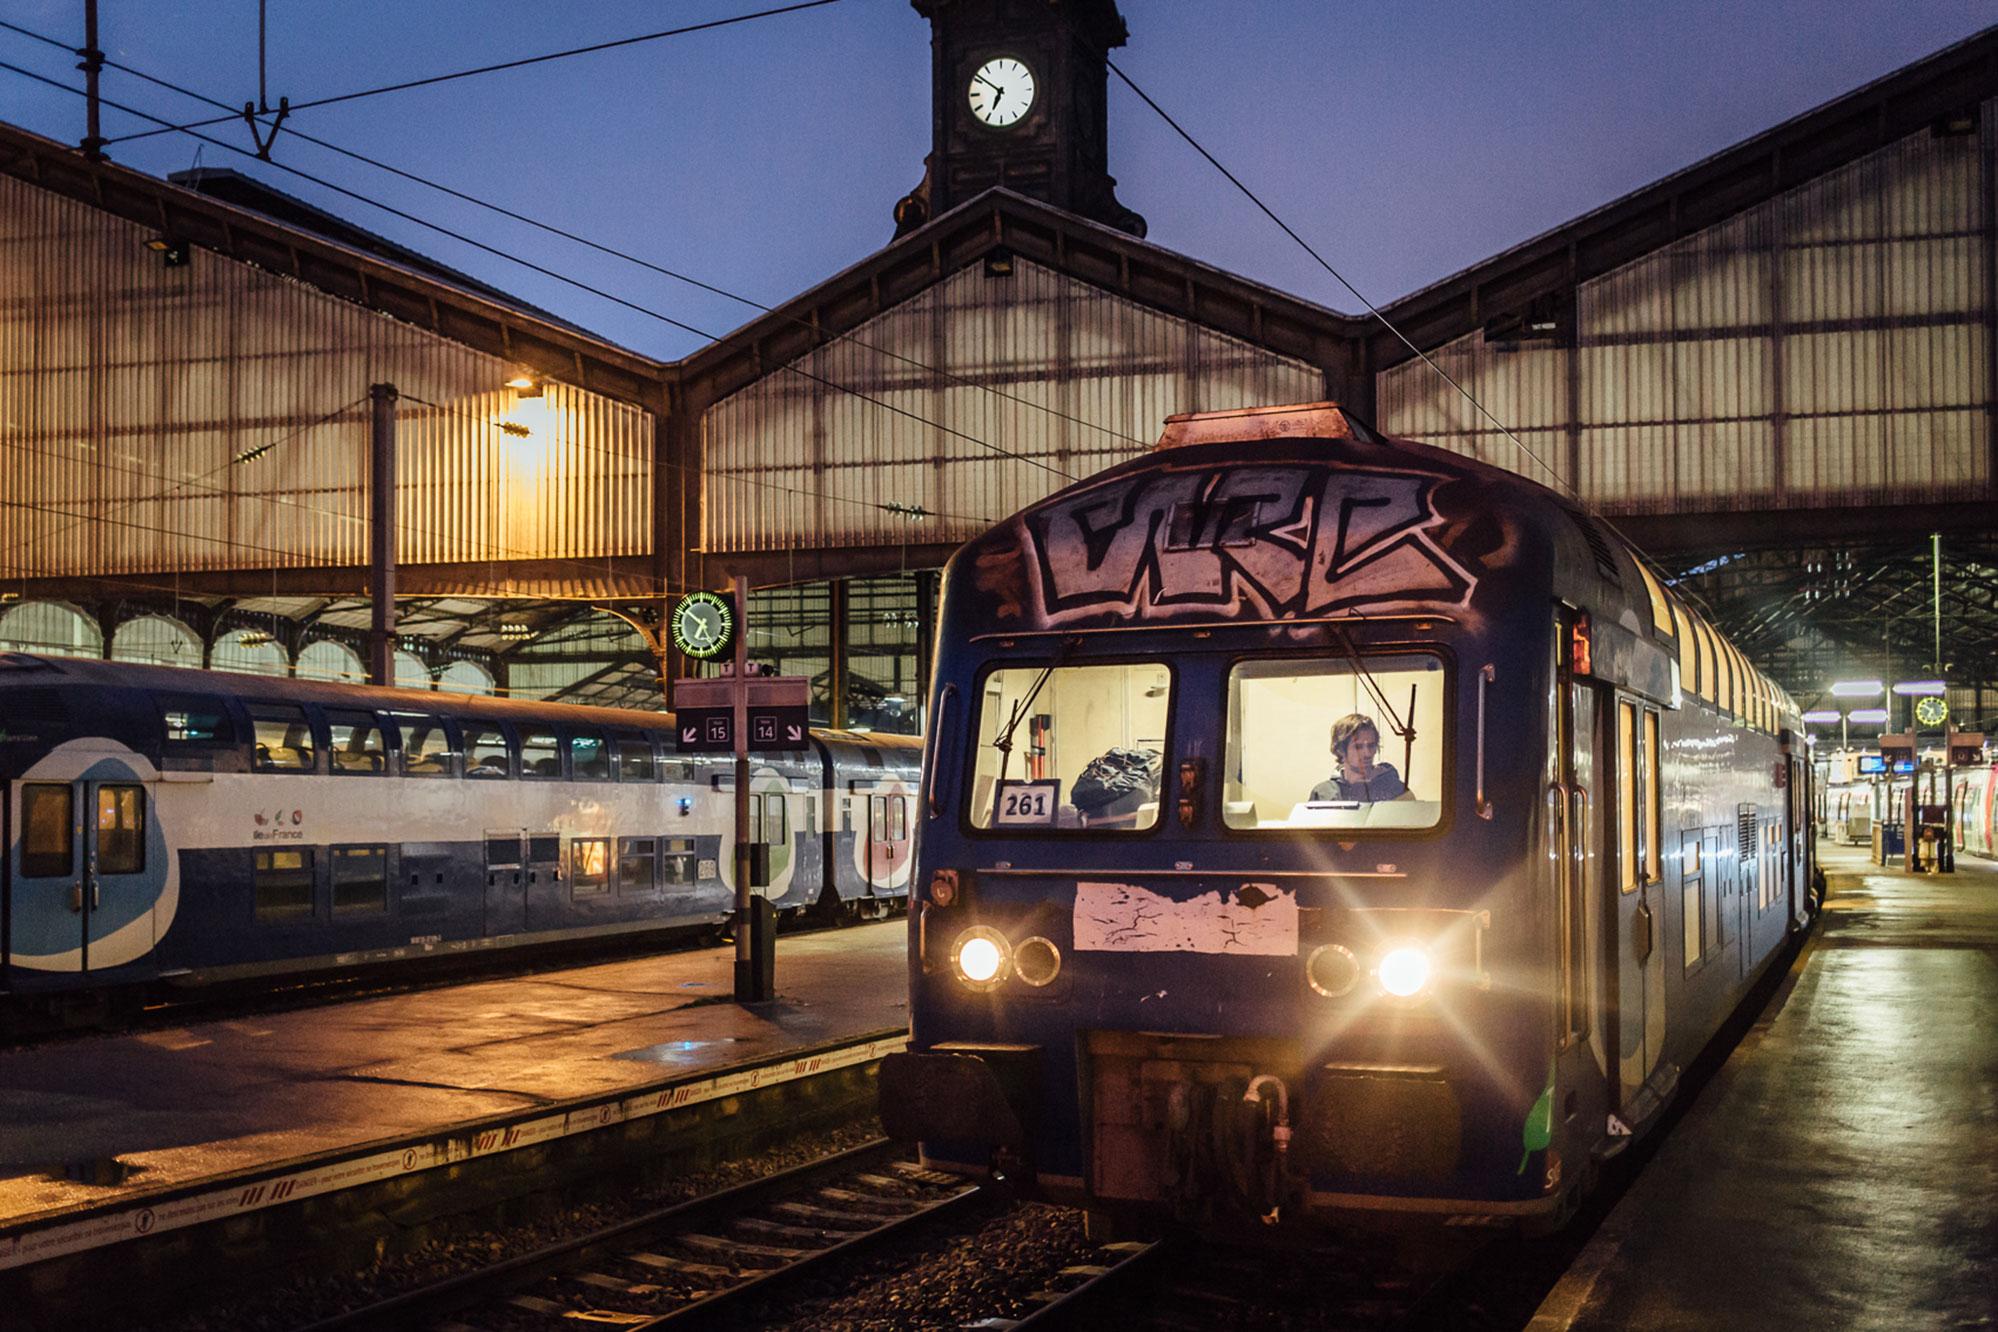 Départ de la gare Saint-Lazare